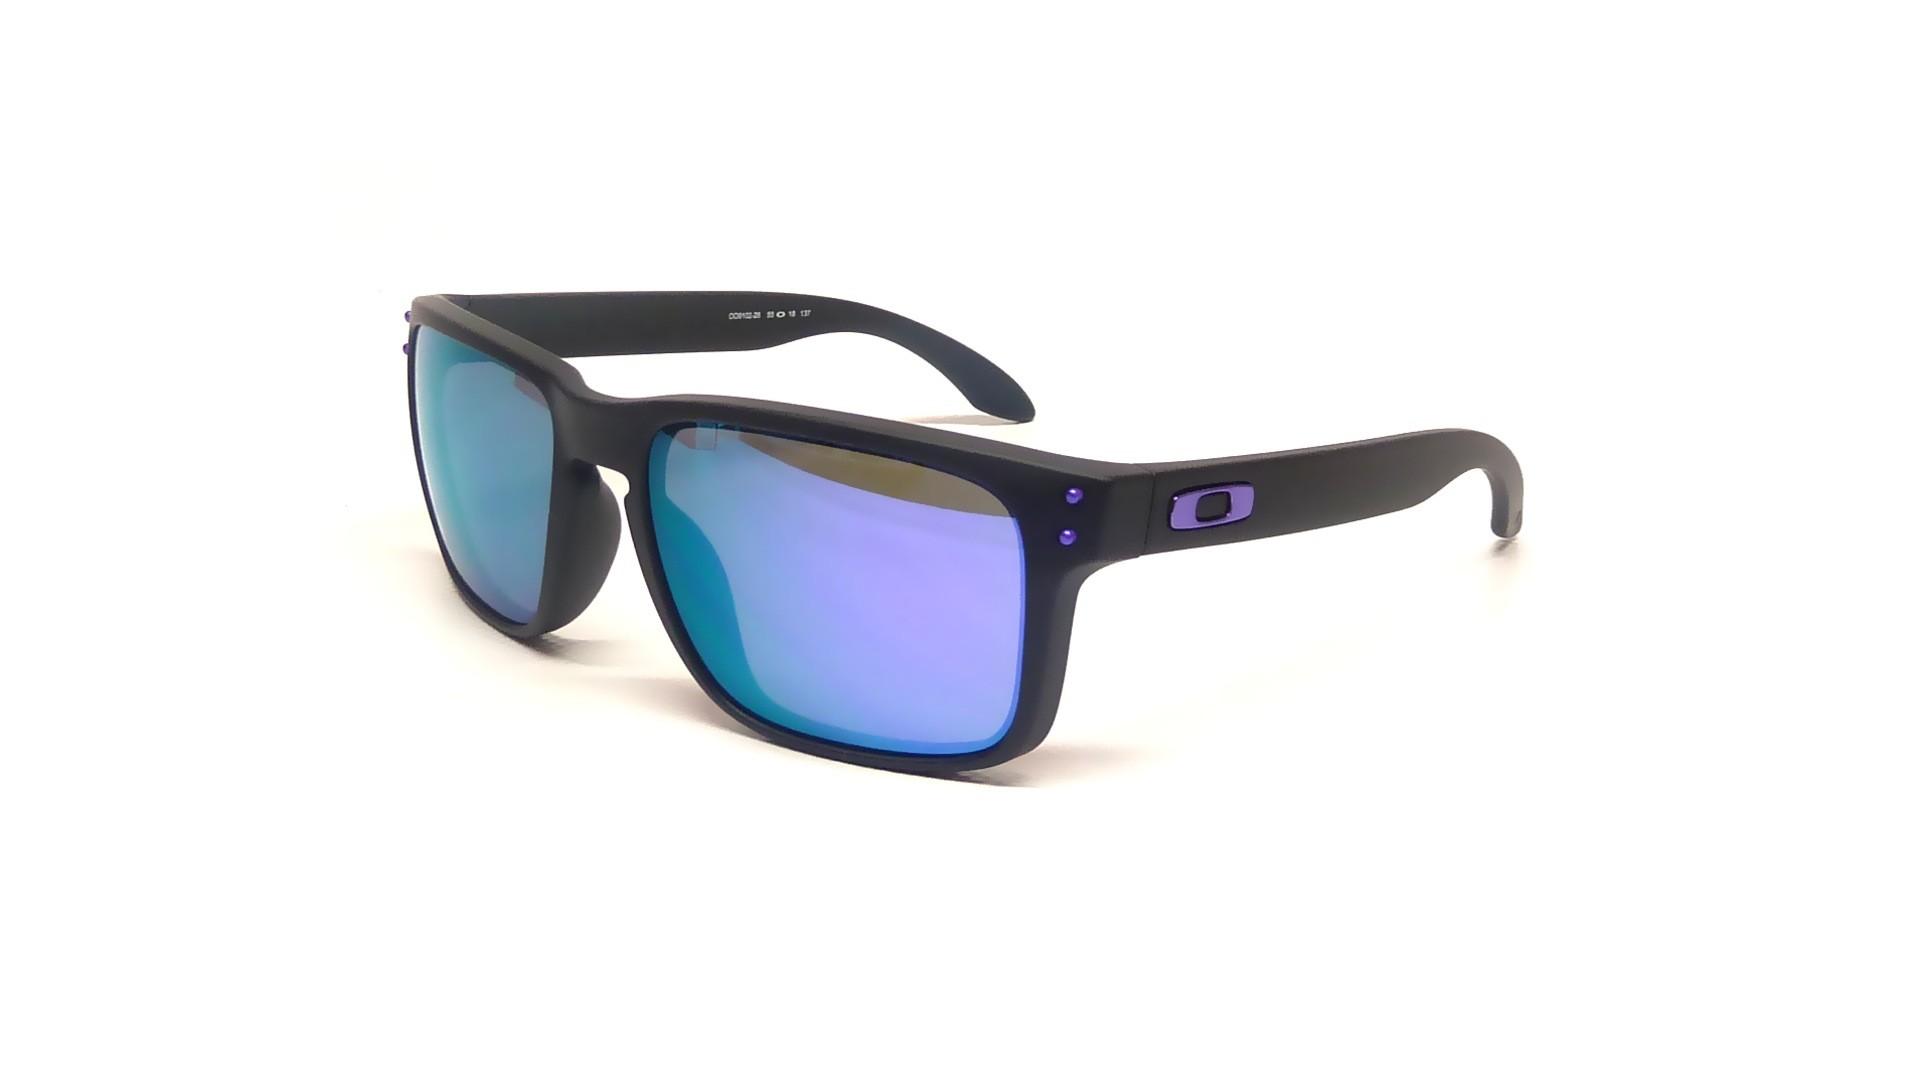 bf612fb96573 Oakley Sunglasses Dealers In Delhi « Heritage Malta